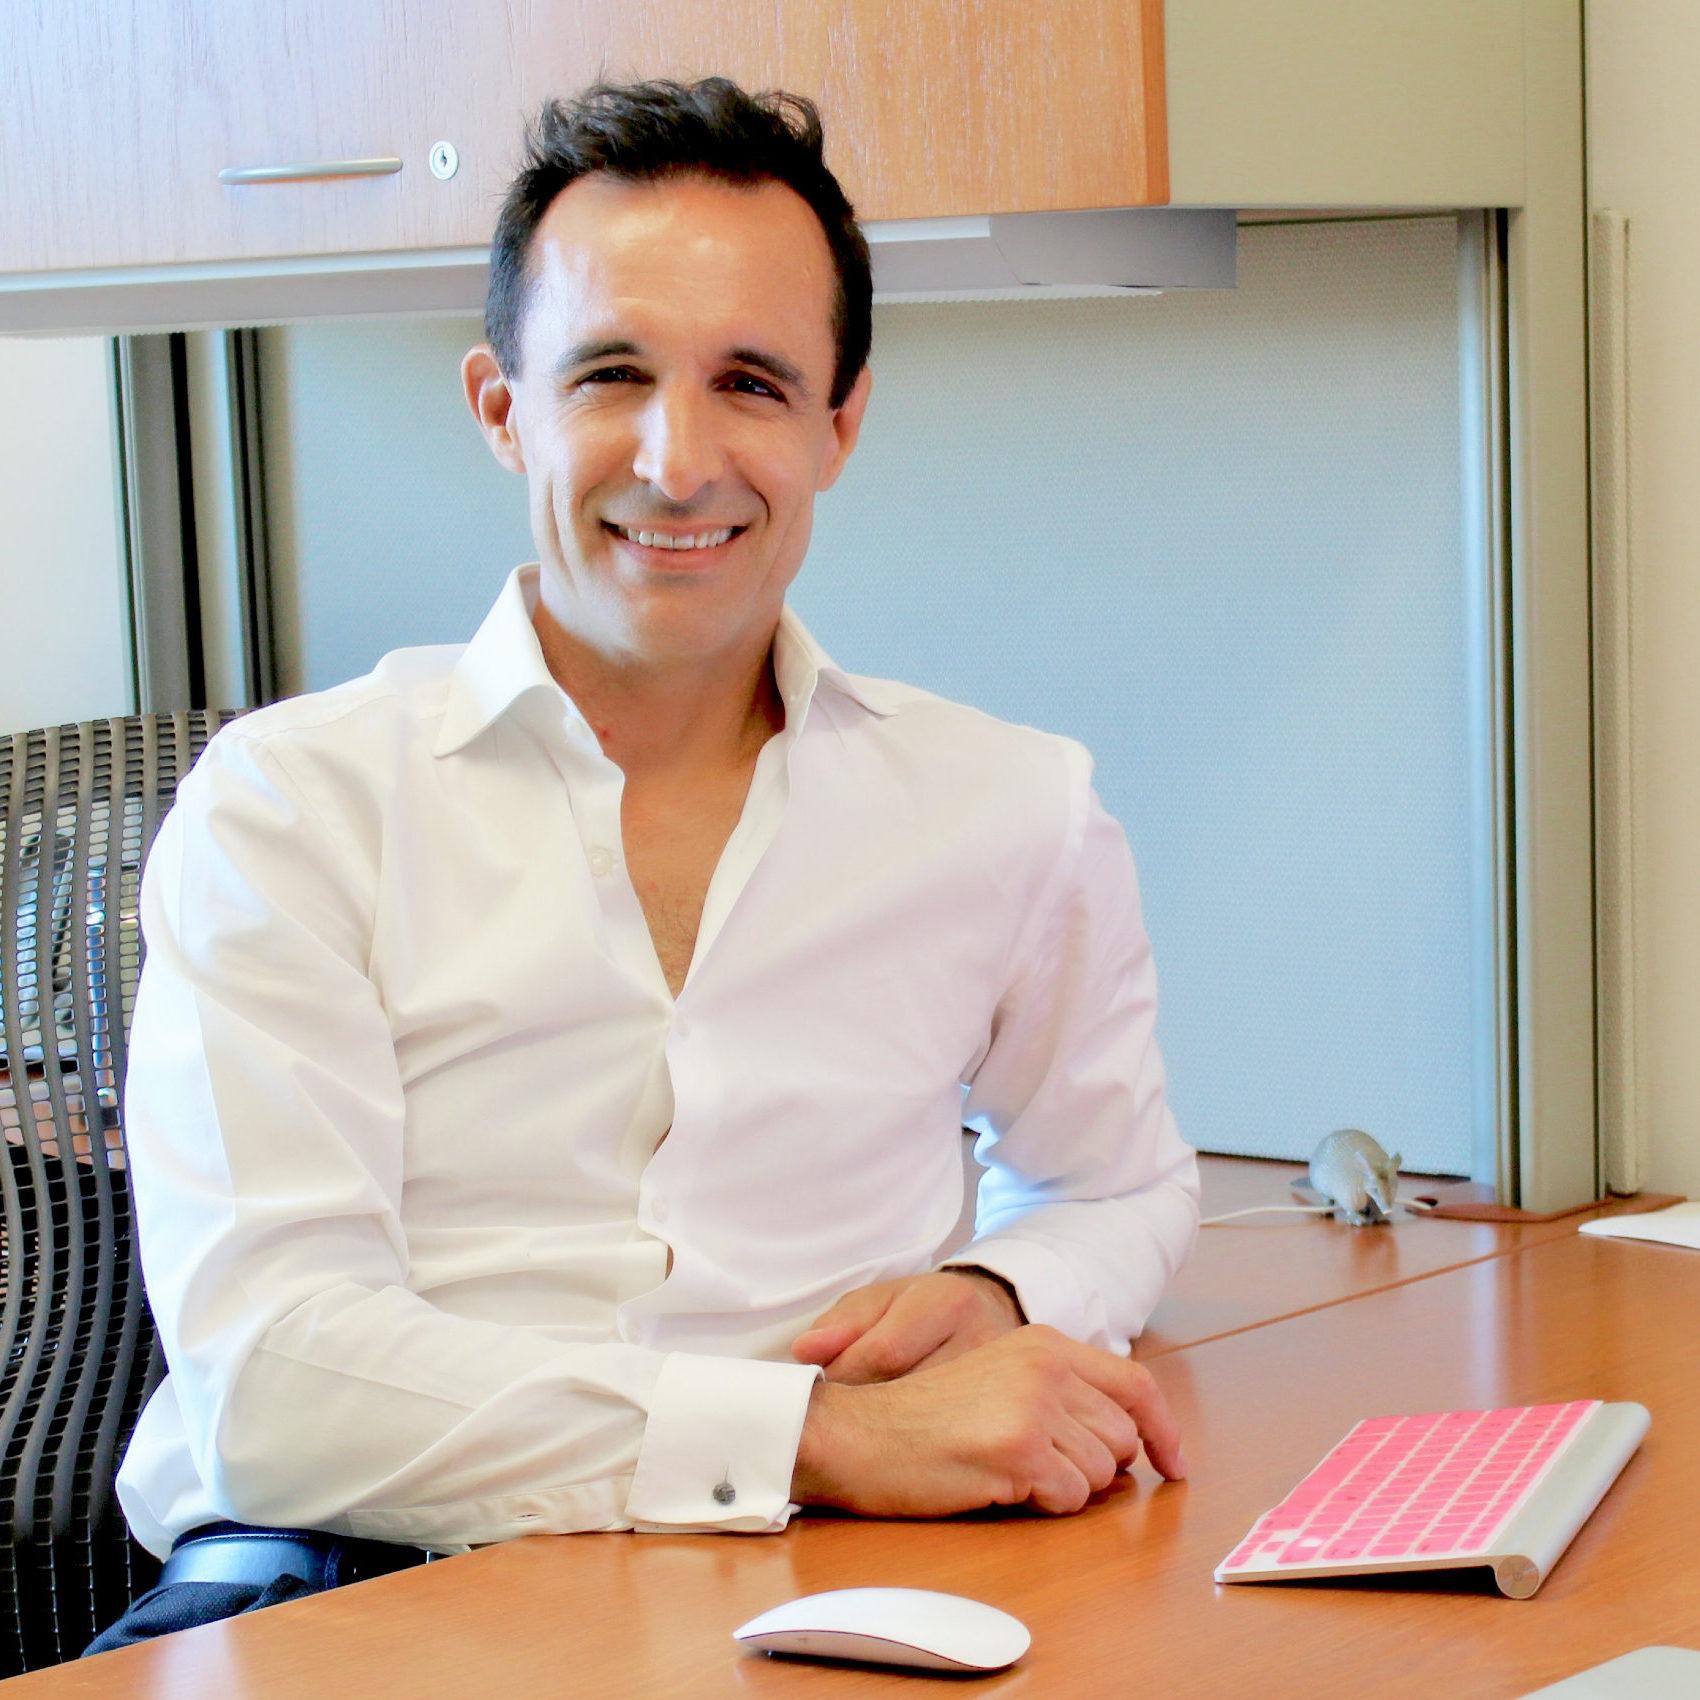 Jeffrey Cirillo, PhD